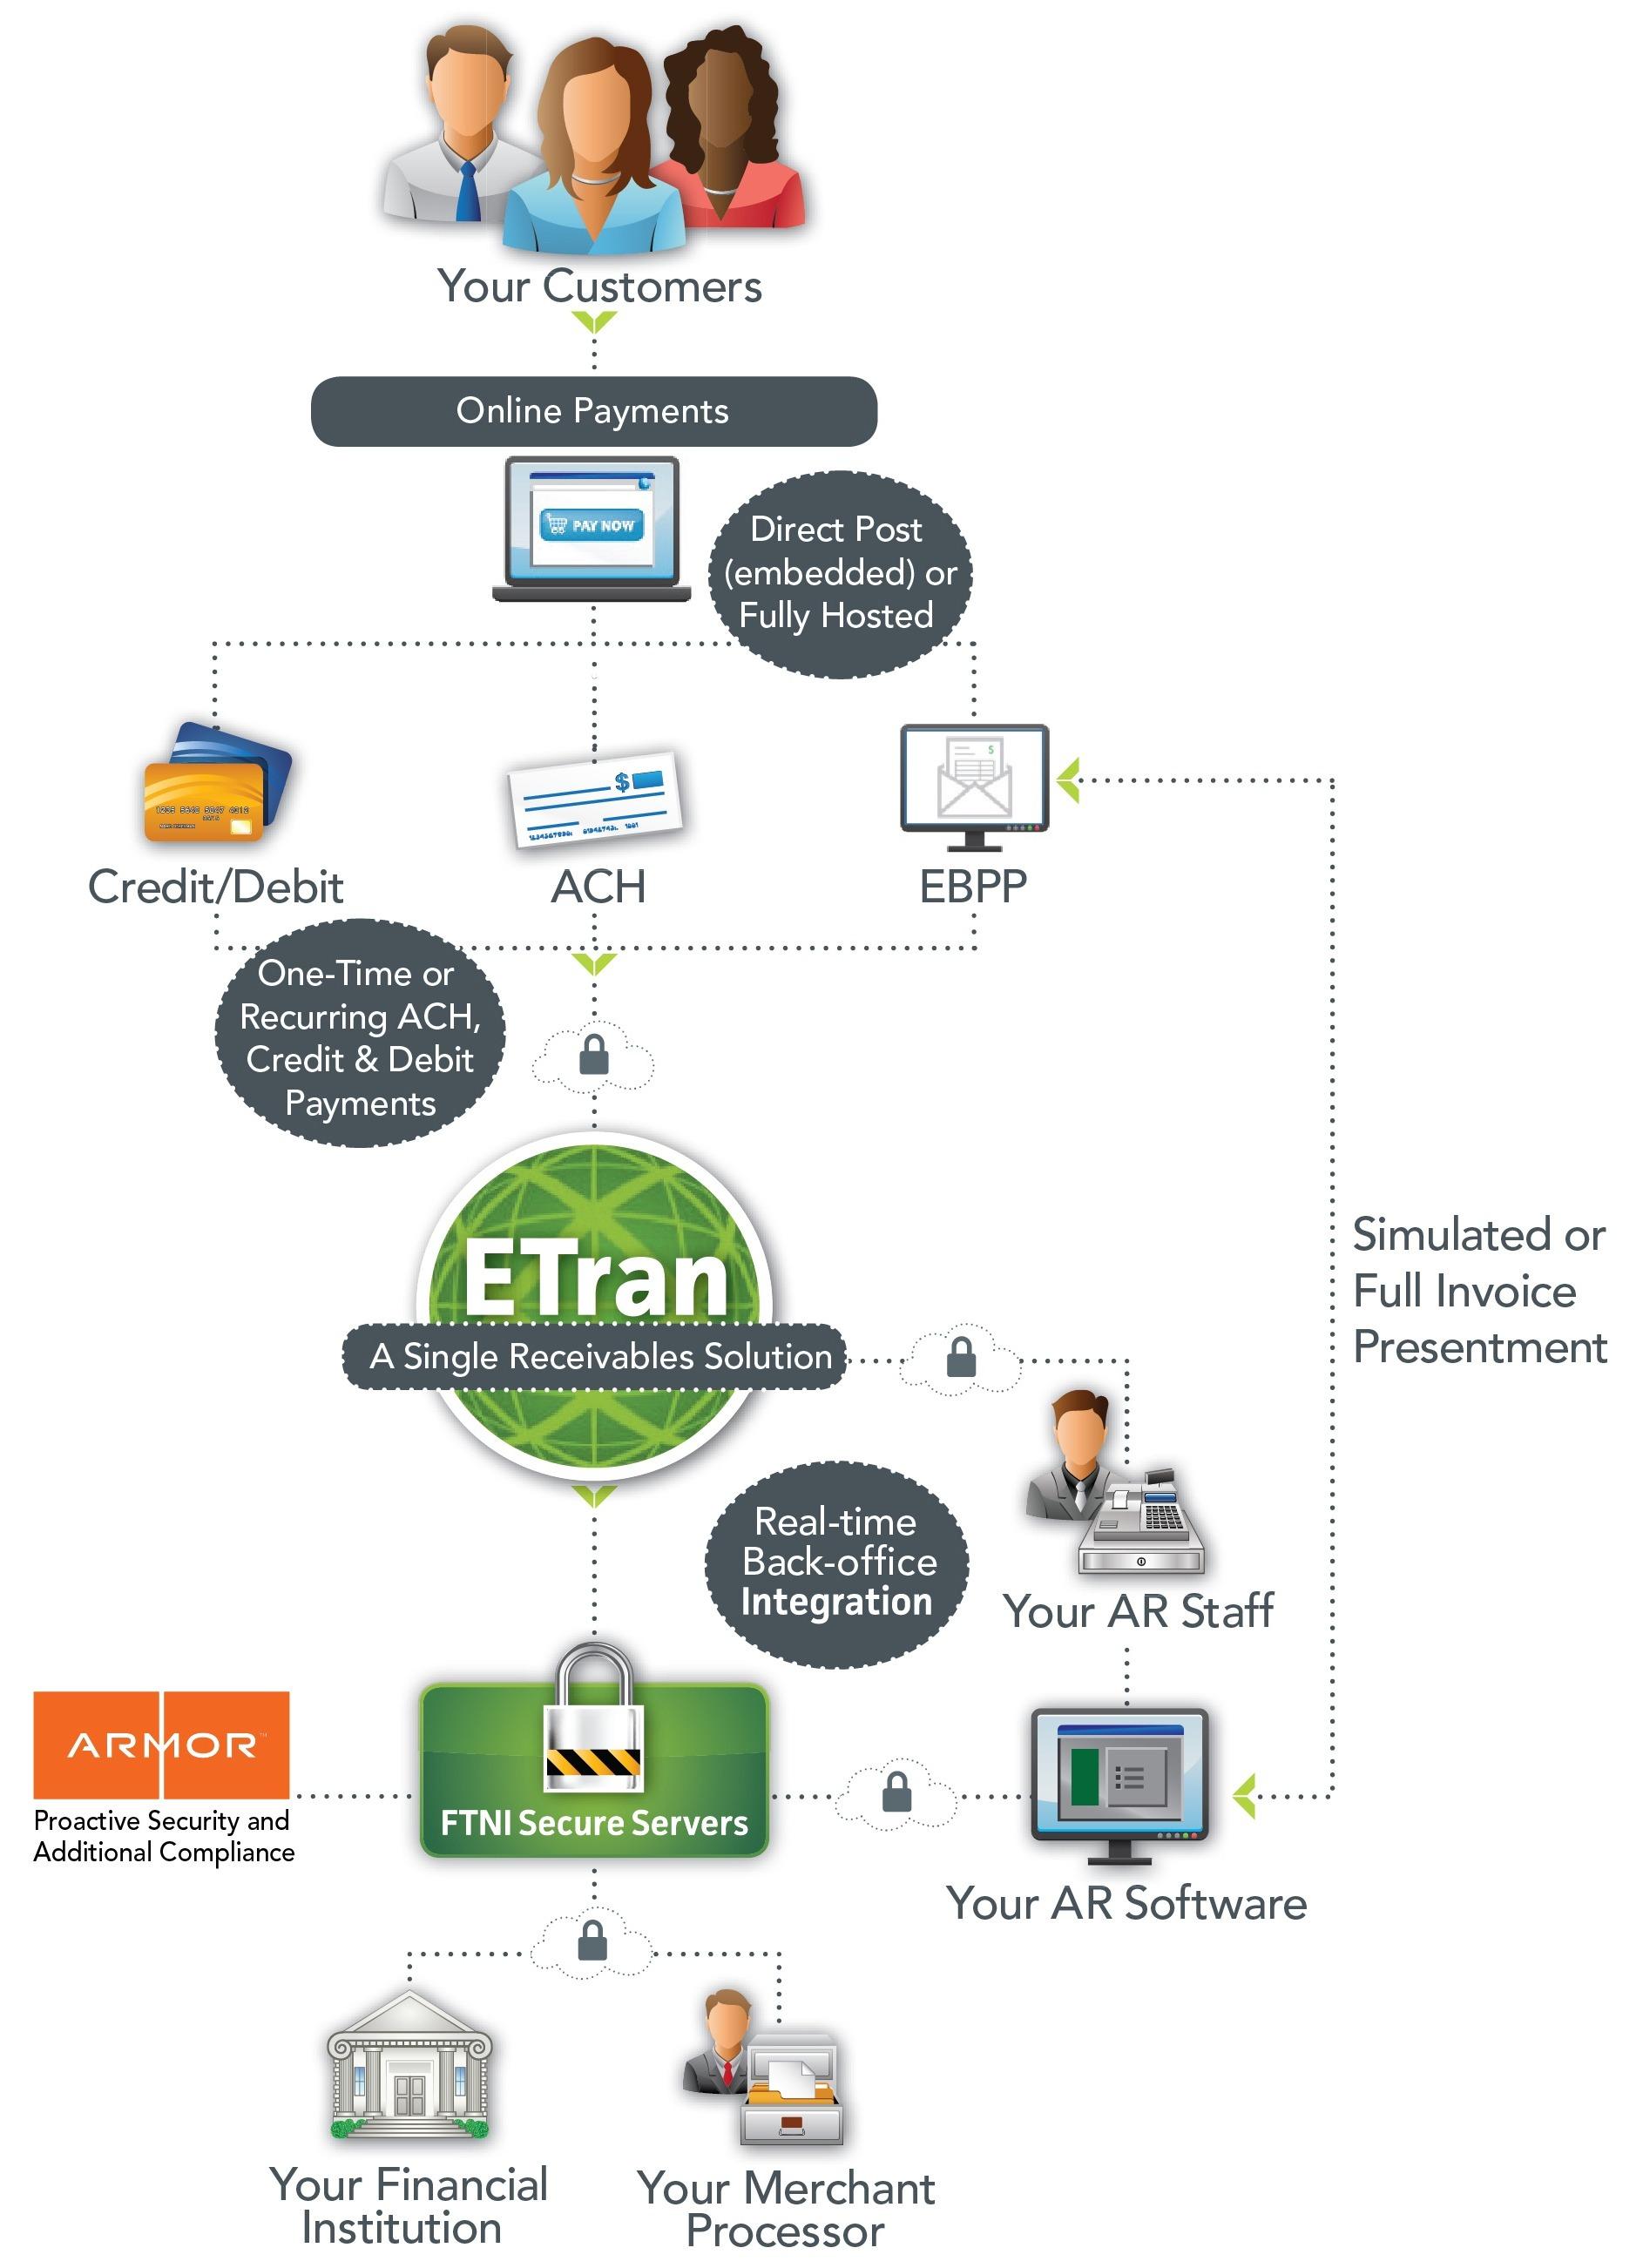 ETran_ePayments